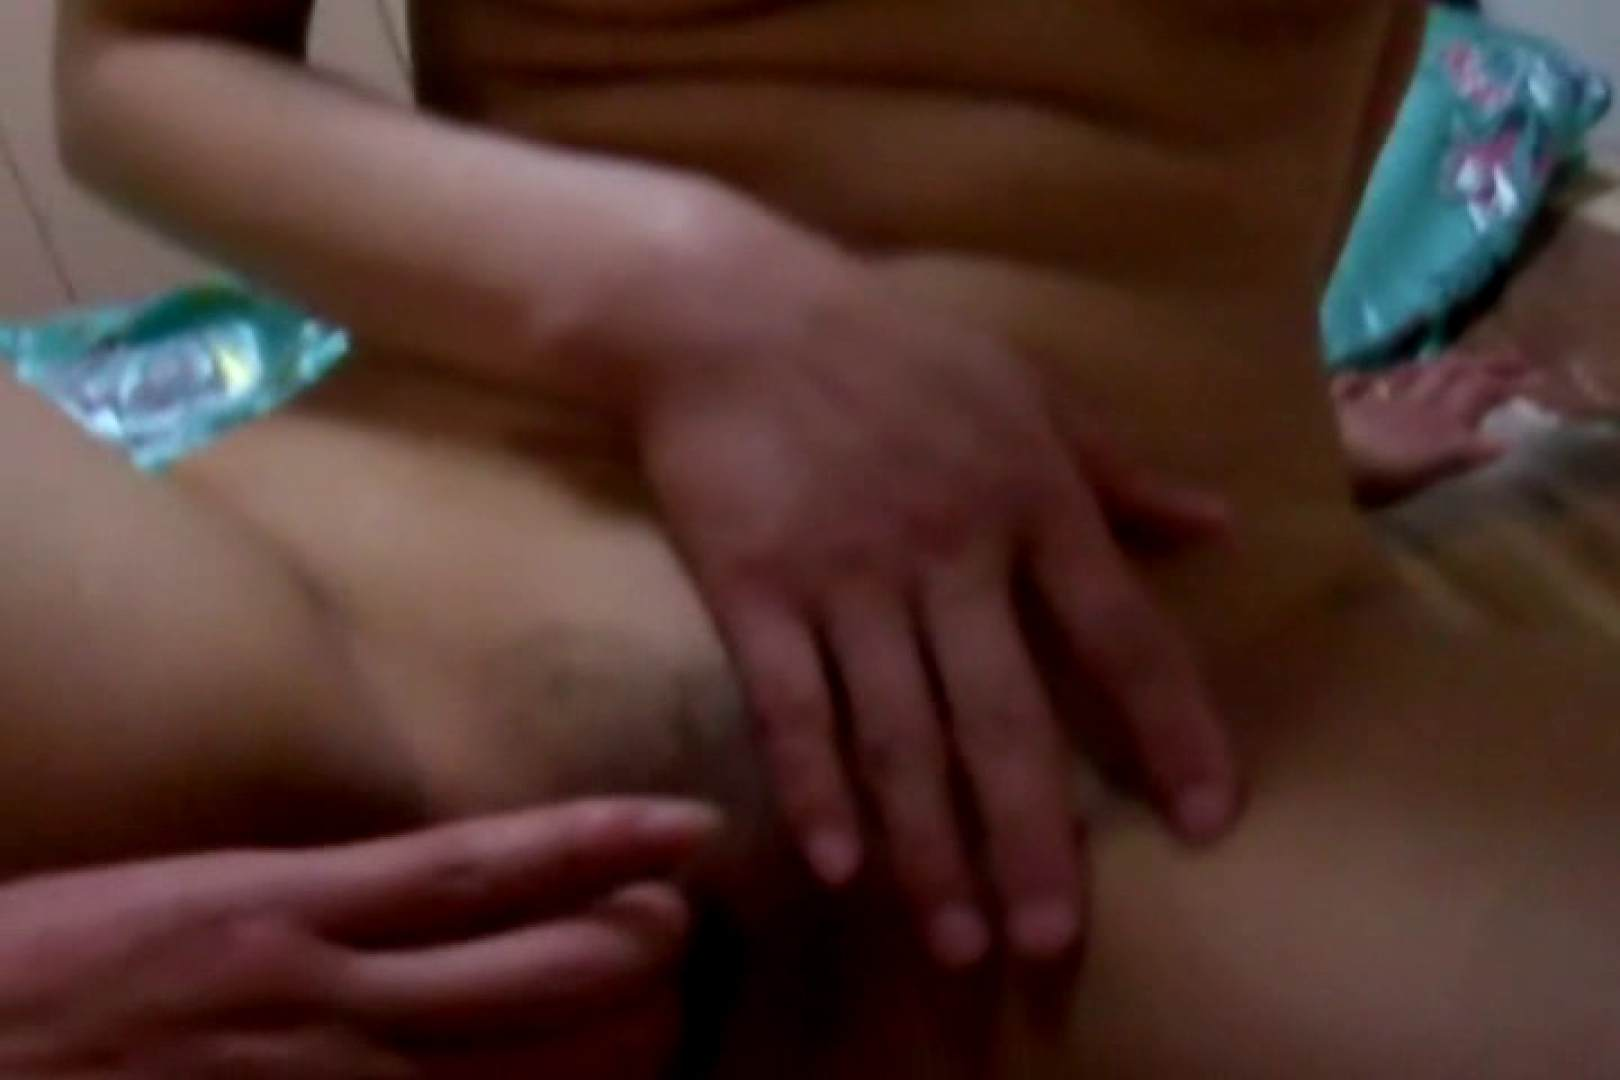 ウイルス流出 Ownerのハメ撮り映像 プライベート | マンコ  52画像 29